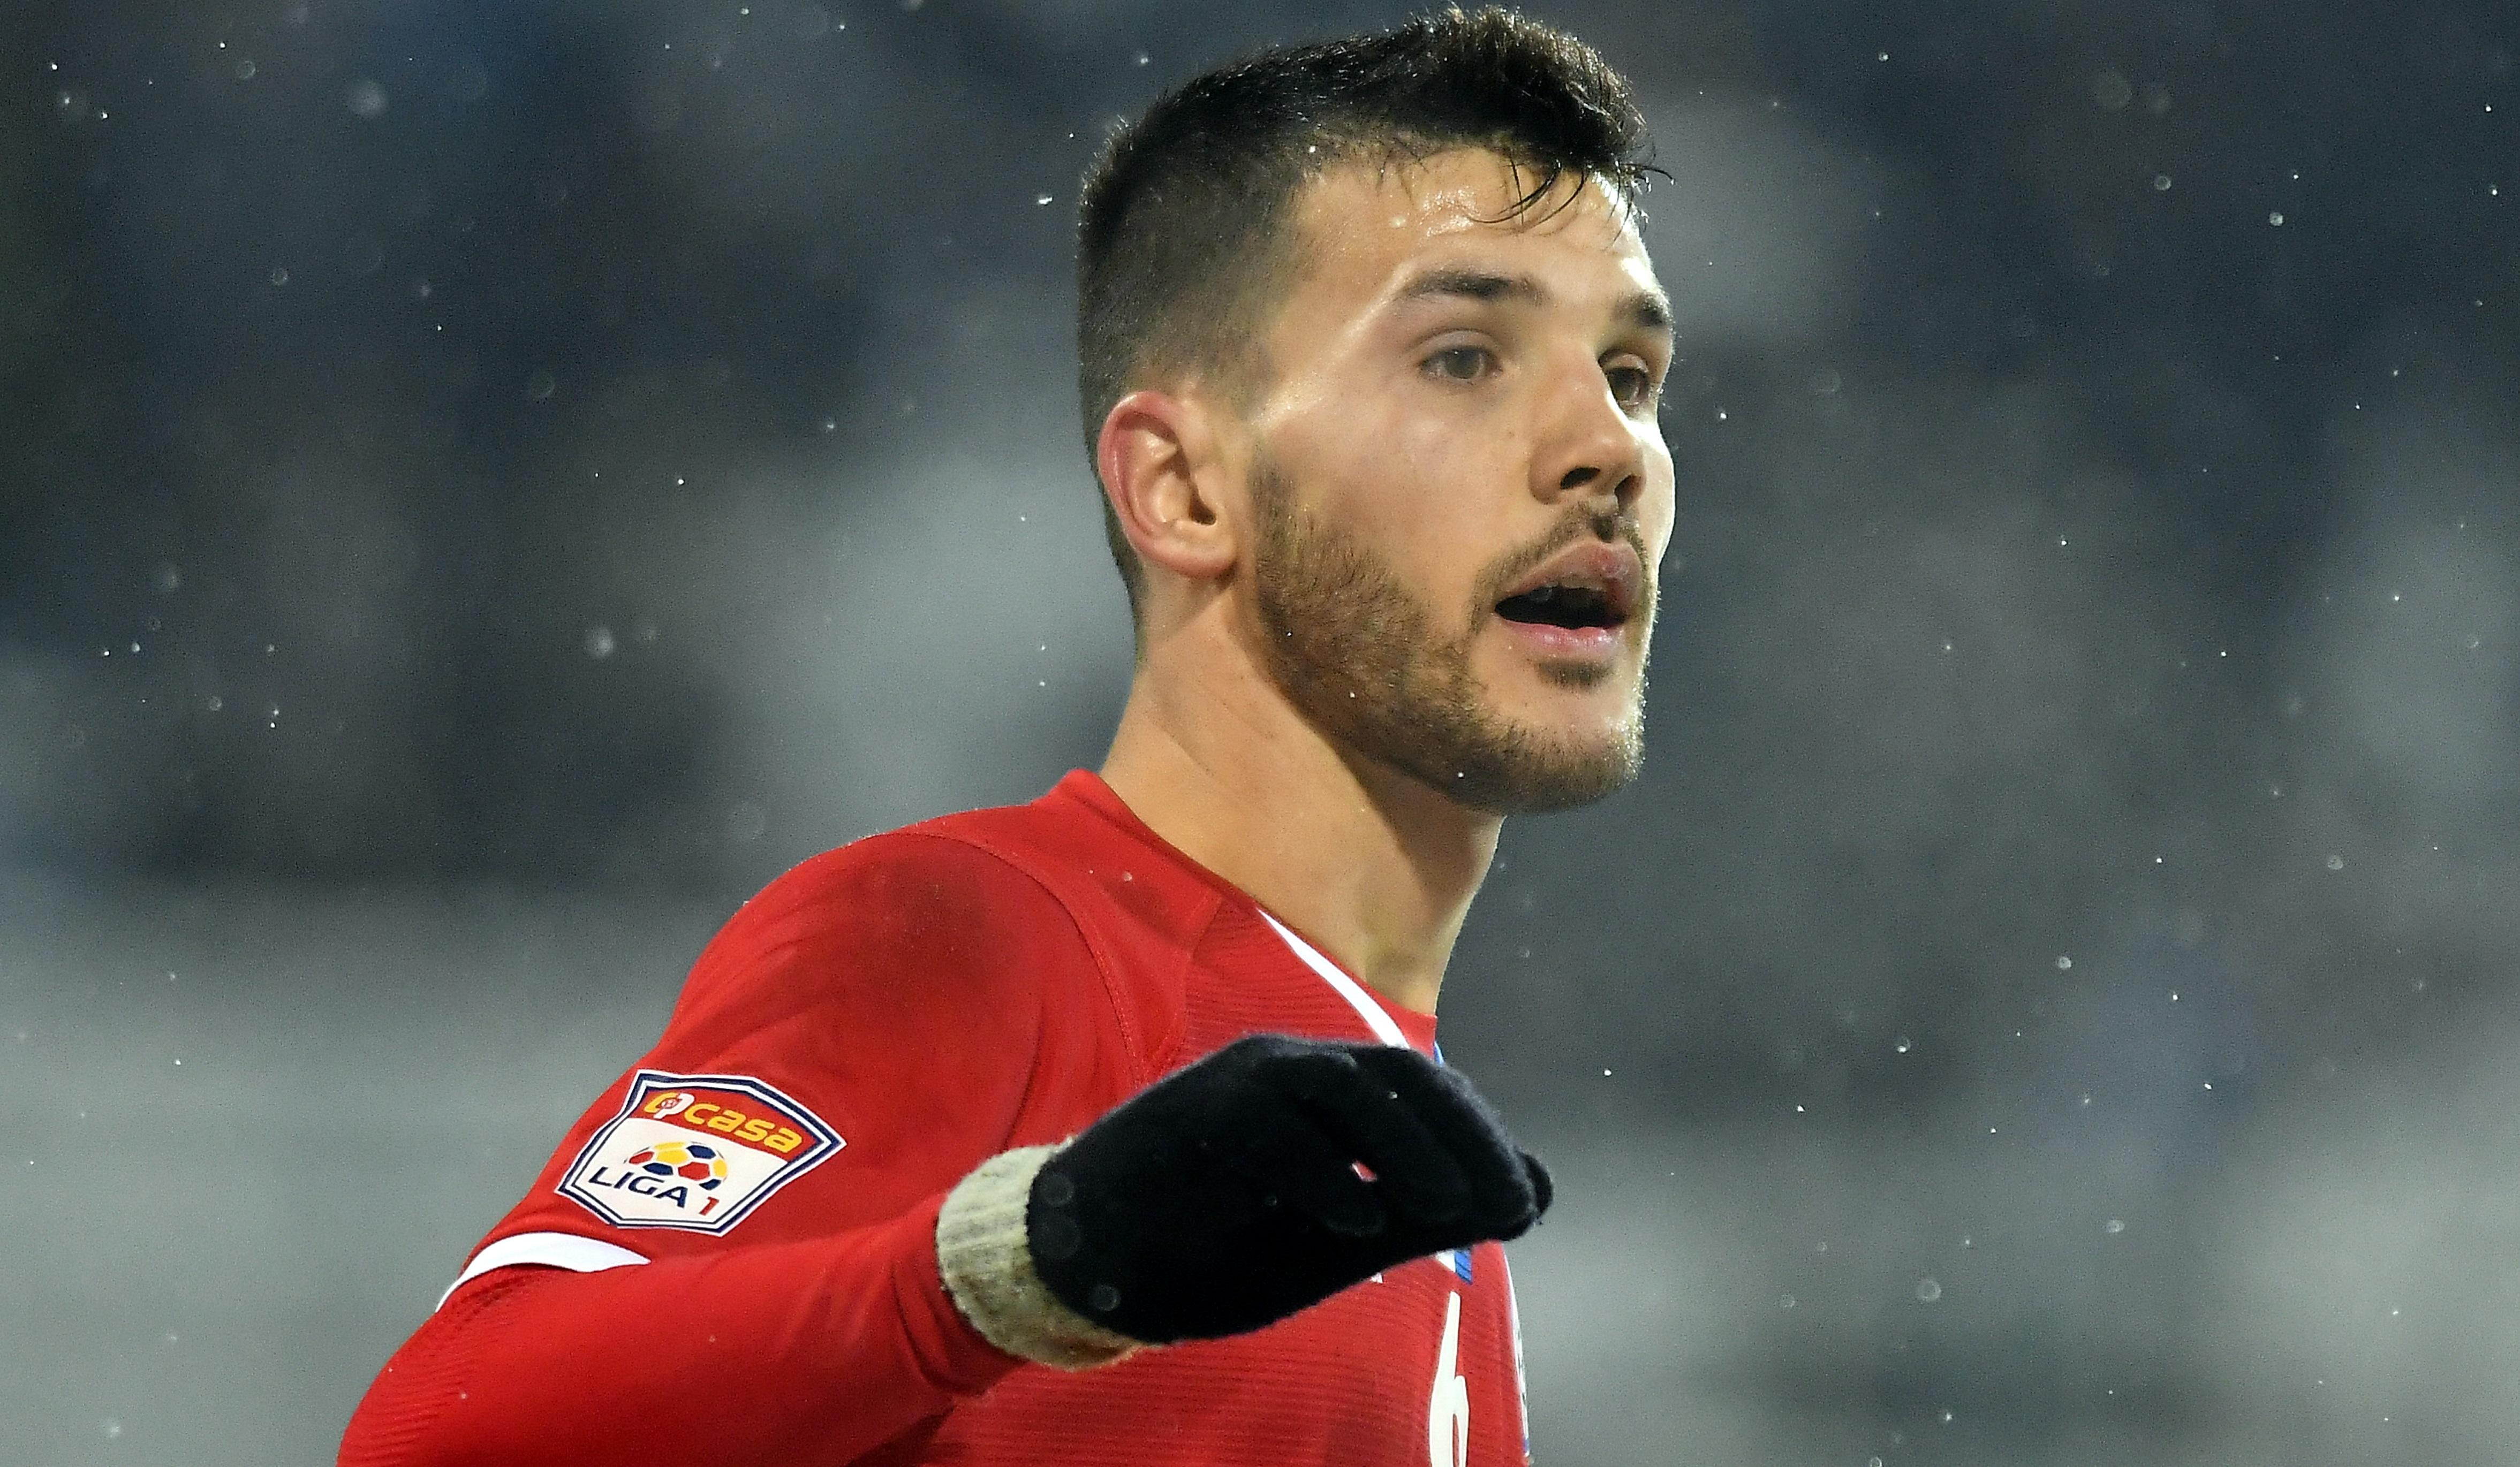 """Final de """"telenovelă""""! Chindriș pleacă în Belgia. Valeriu Iftime a confirmat: """"A fost ultimul meci pentru el la noi"""""""